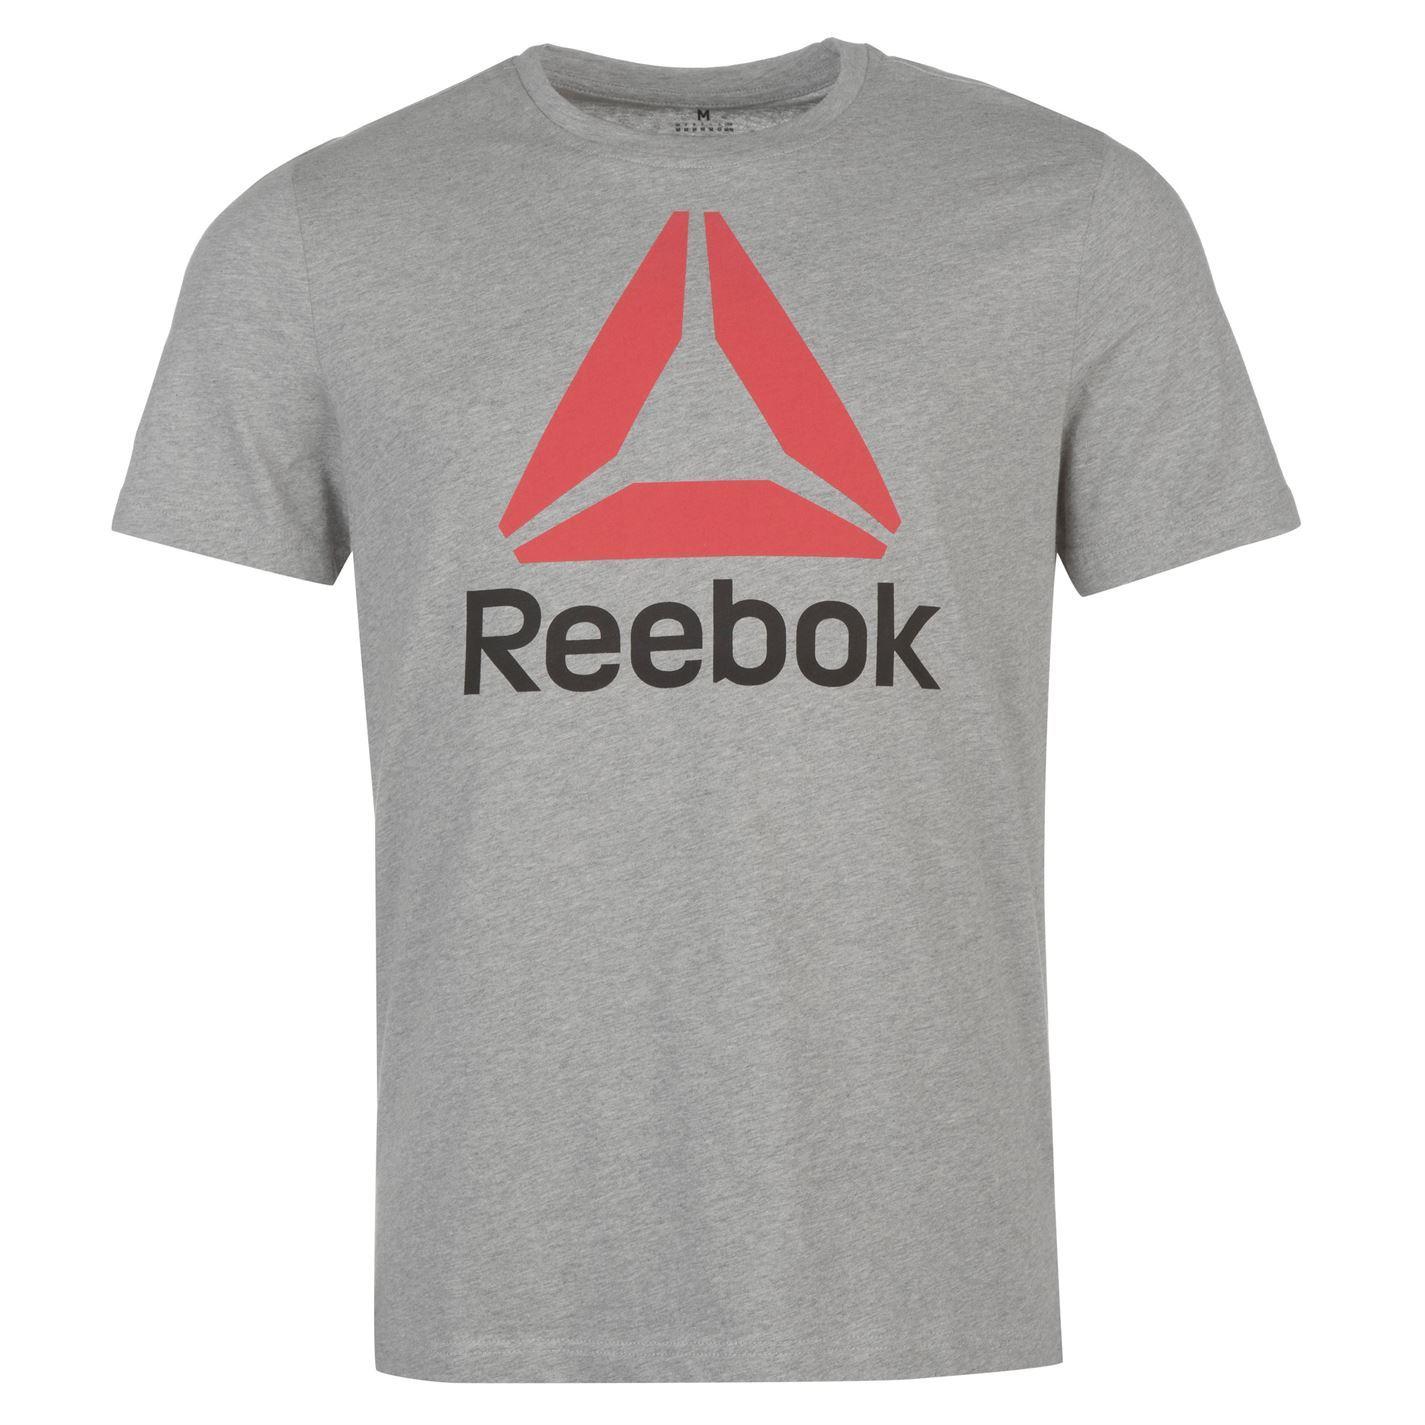 Reebok-Stack-Delta-Logo-T-Shirt-Mens-Tee-Shirt-Top thumbnail 13